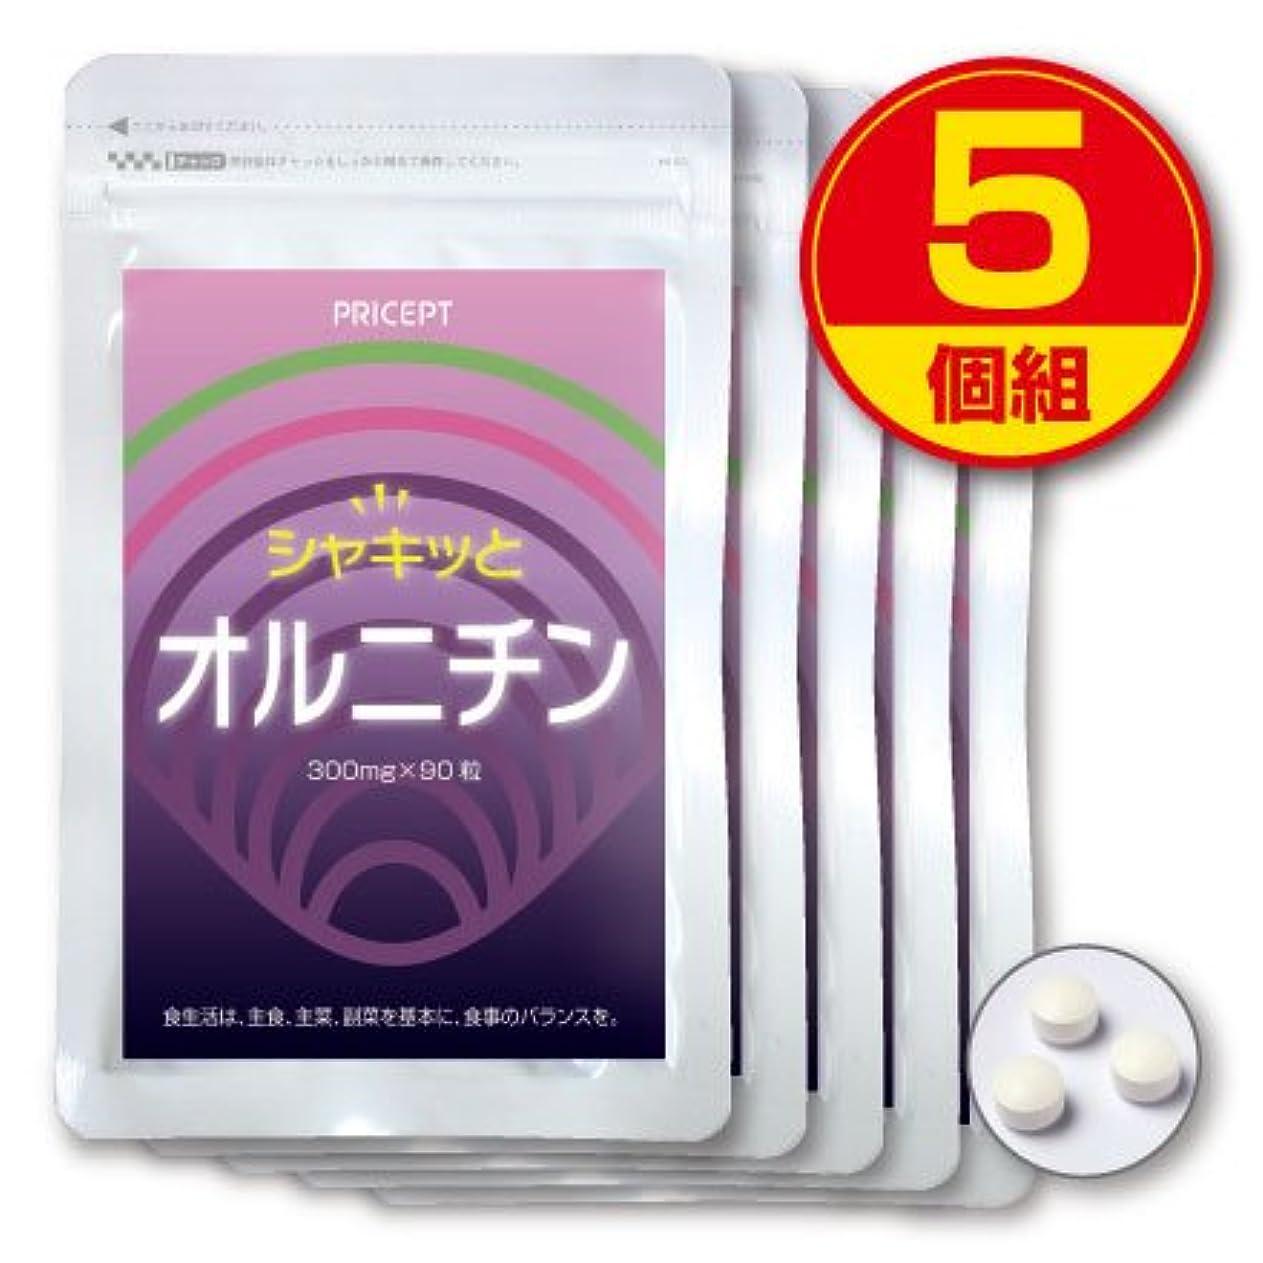 プリセプト シャキッとオルニチン 90粒【5個組】